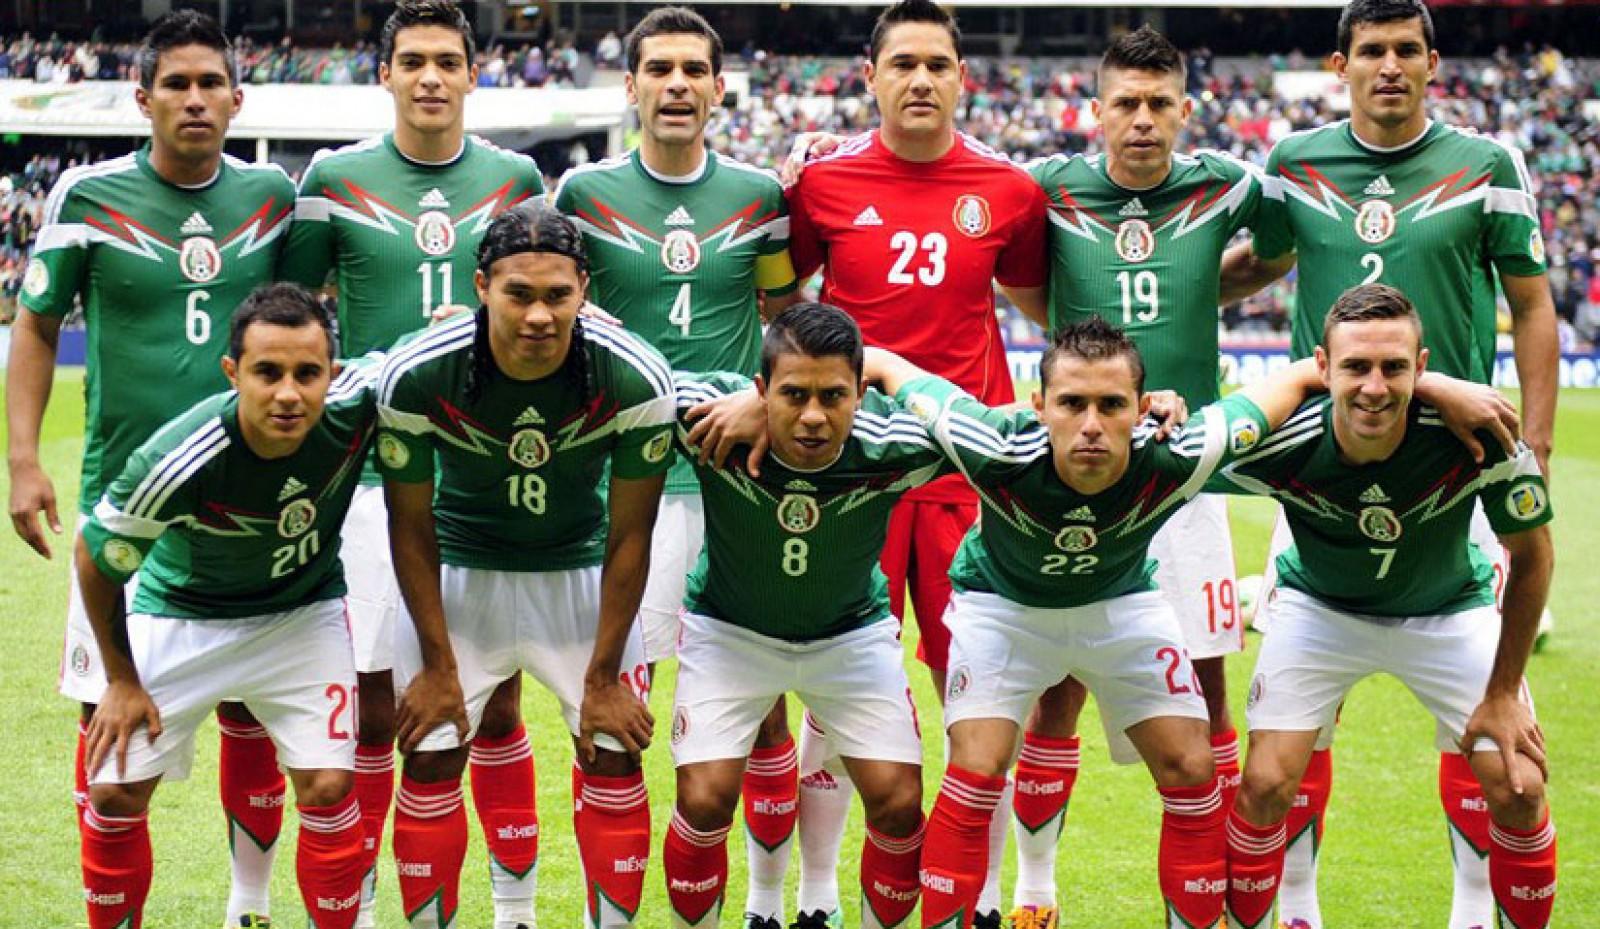 Se pregătesc de Campionatul Mondial! Naționala Mexicului s-a distrat timp de o zi cu 30 de prostituate